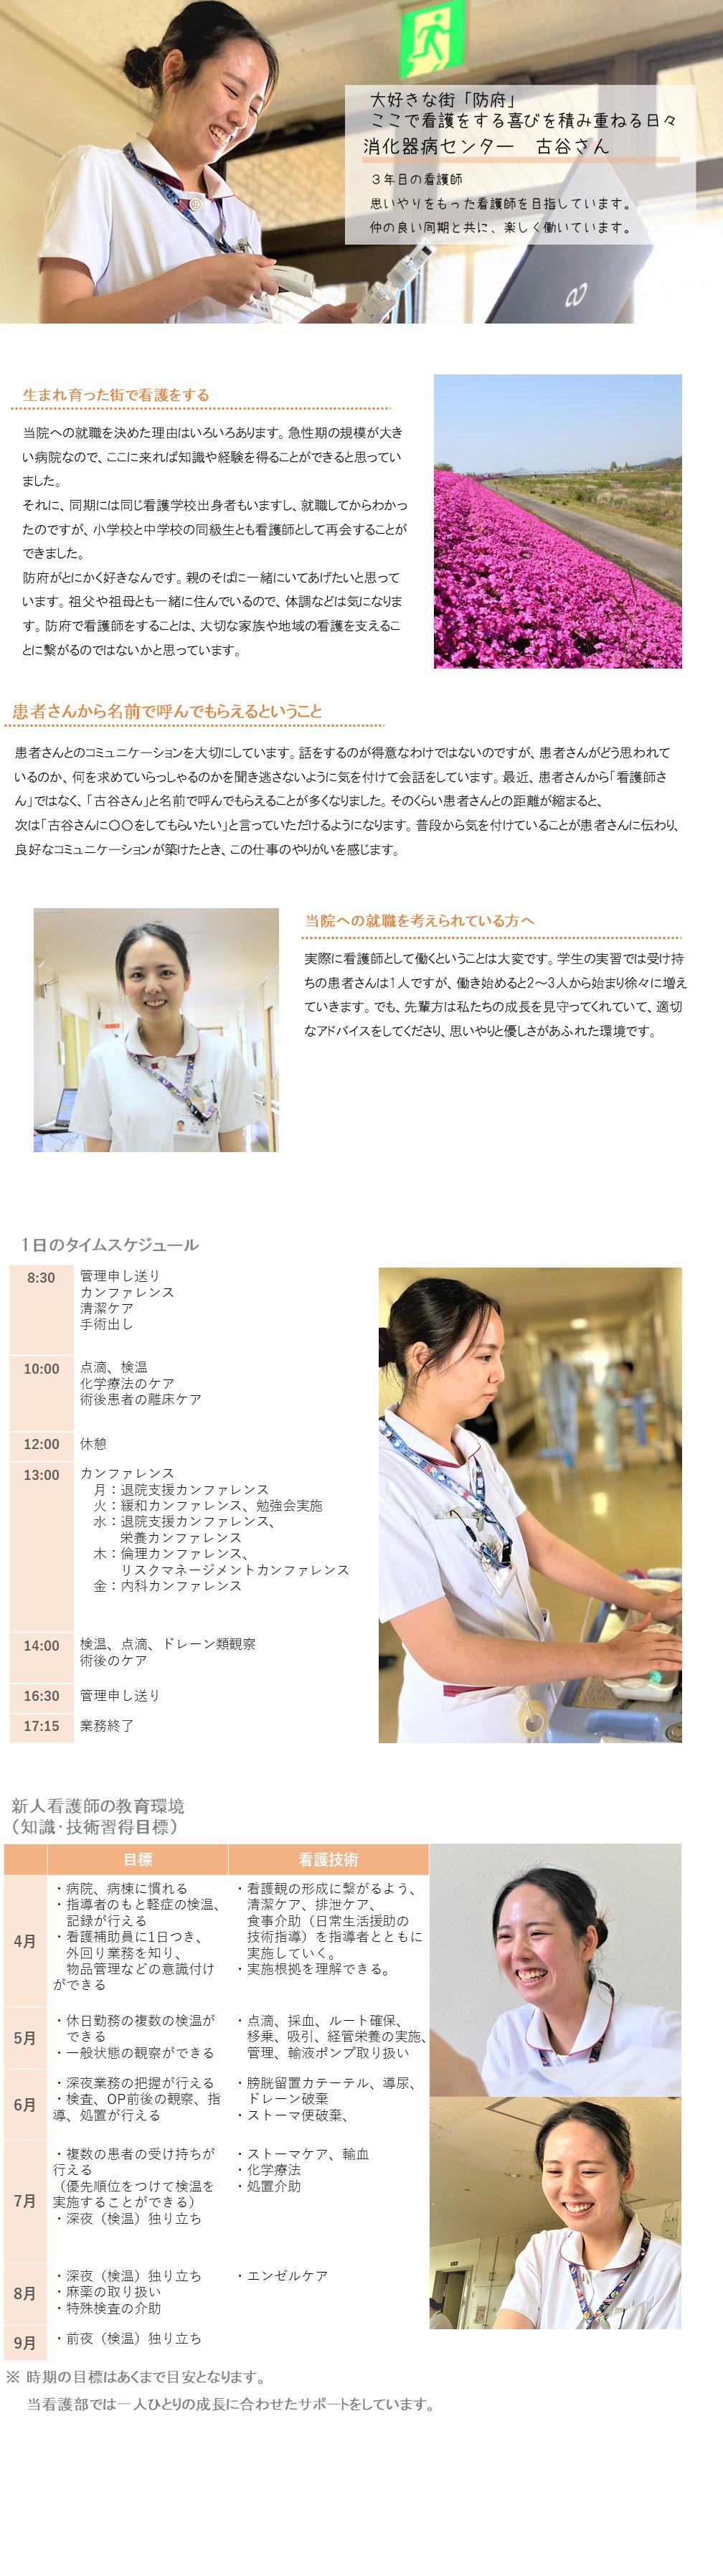 職員紹介_消化器病センター